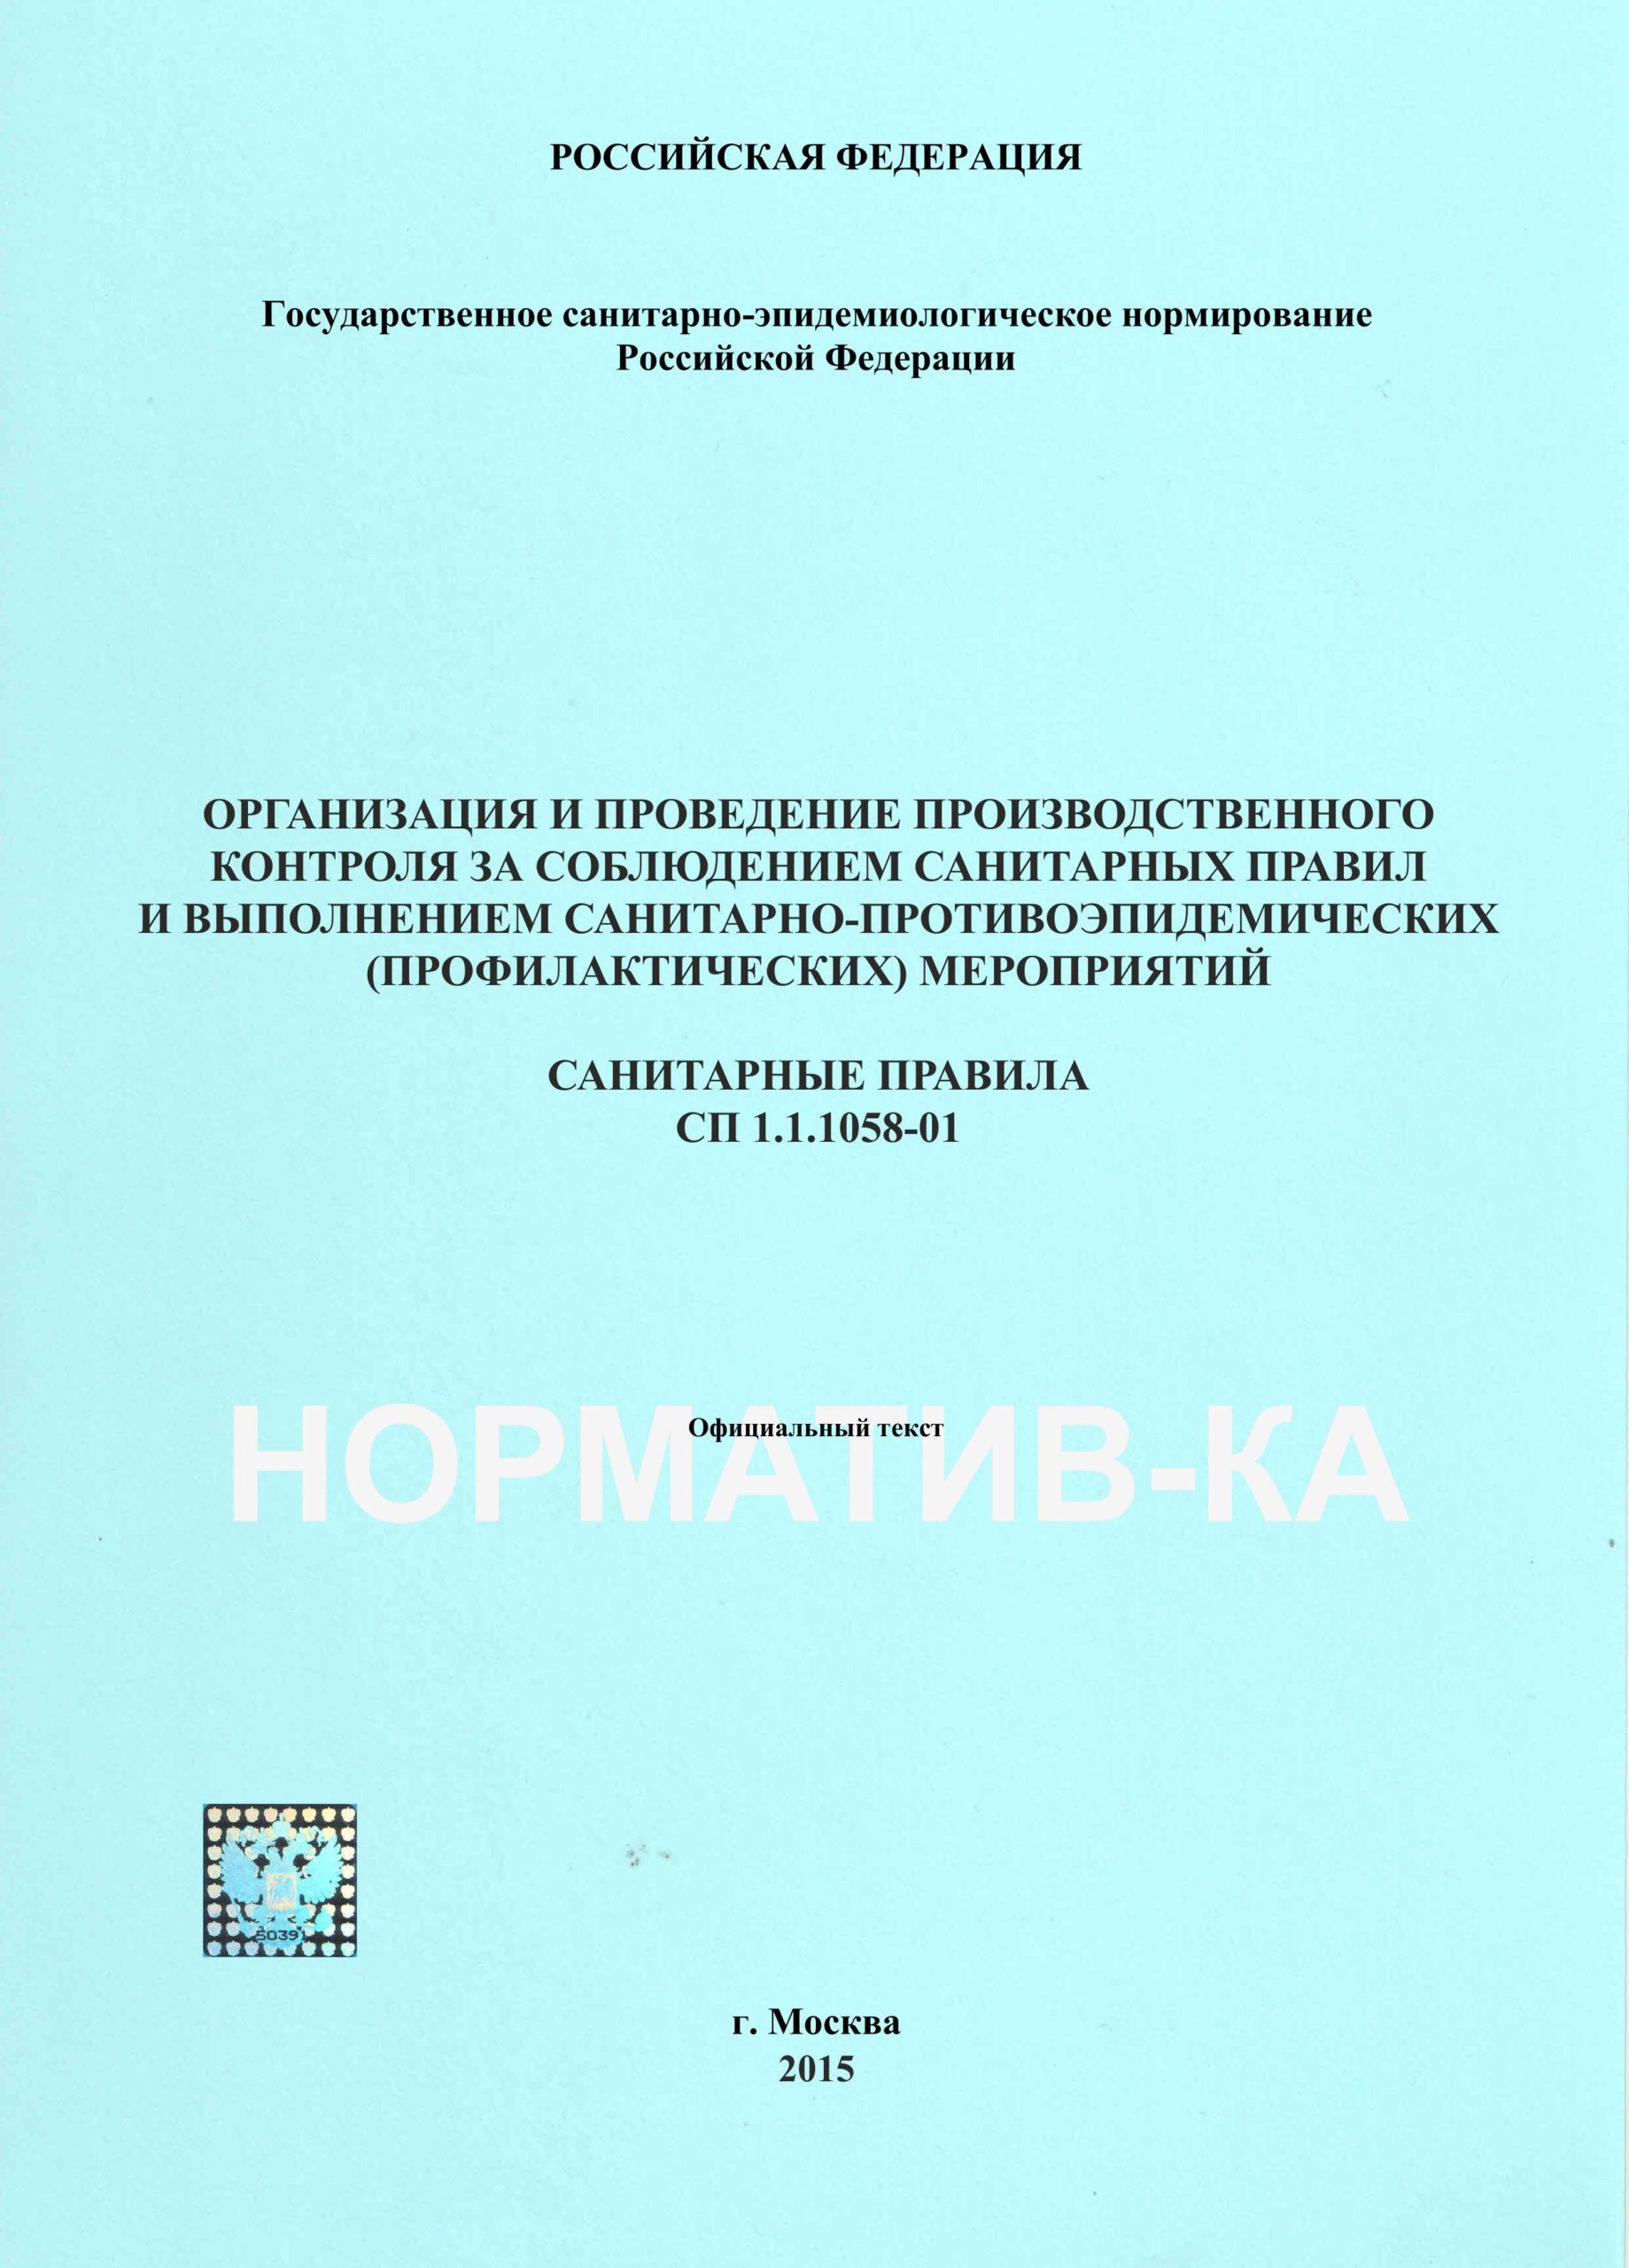 СП 1.1.1058-01